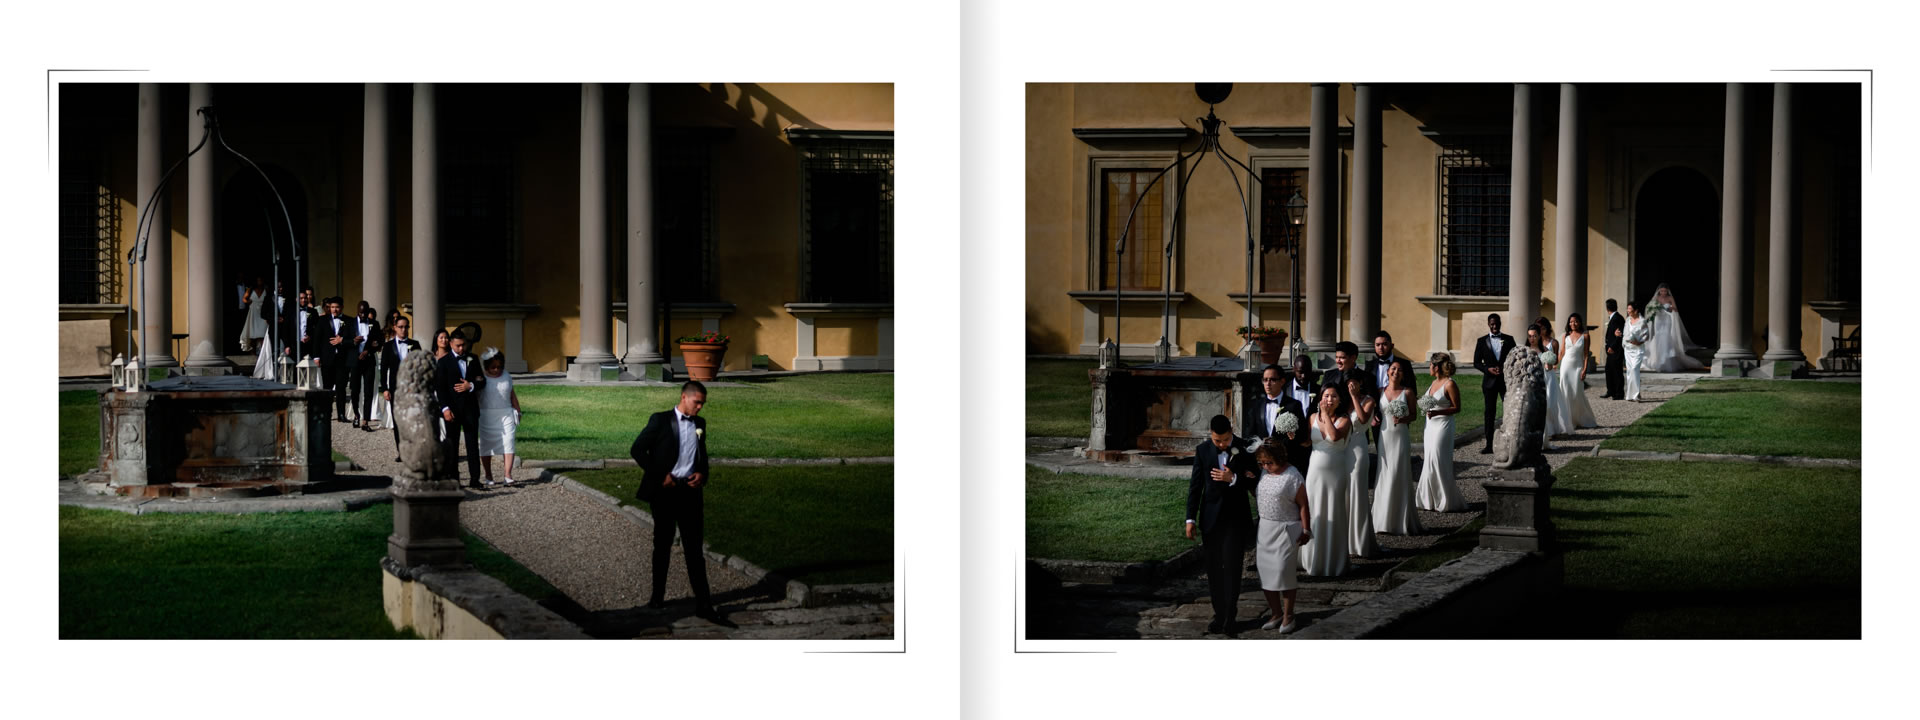 villa-di-maiano-david-bastianoni-photographer-00014 - 14 :: Wedding at Villa di Maiano :: Luxury wedding photography - 13 :: villa-di-maiano-david-bastianoni-photographer-00014 - 14